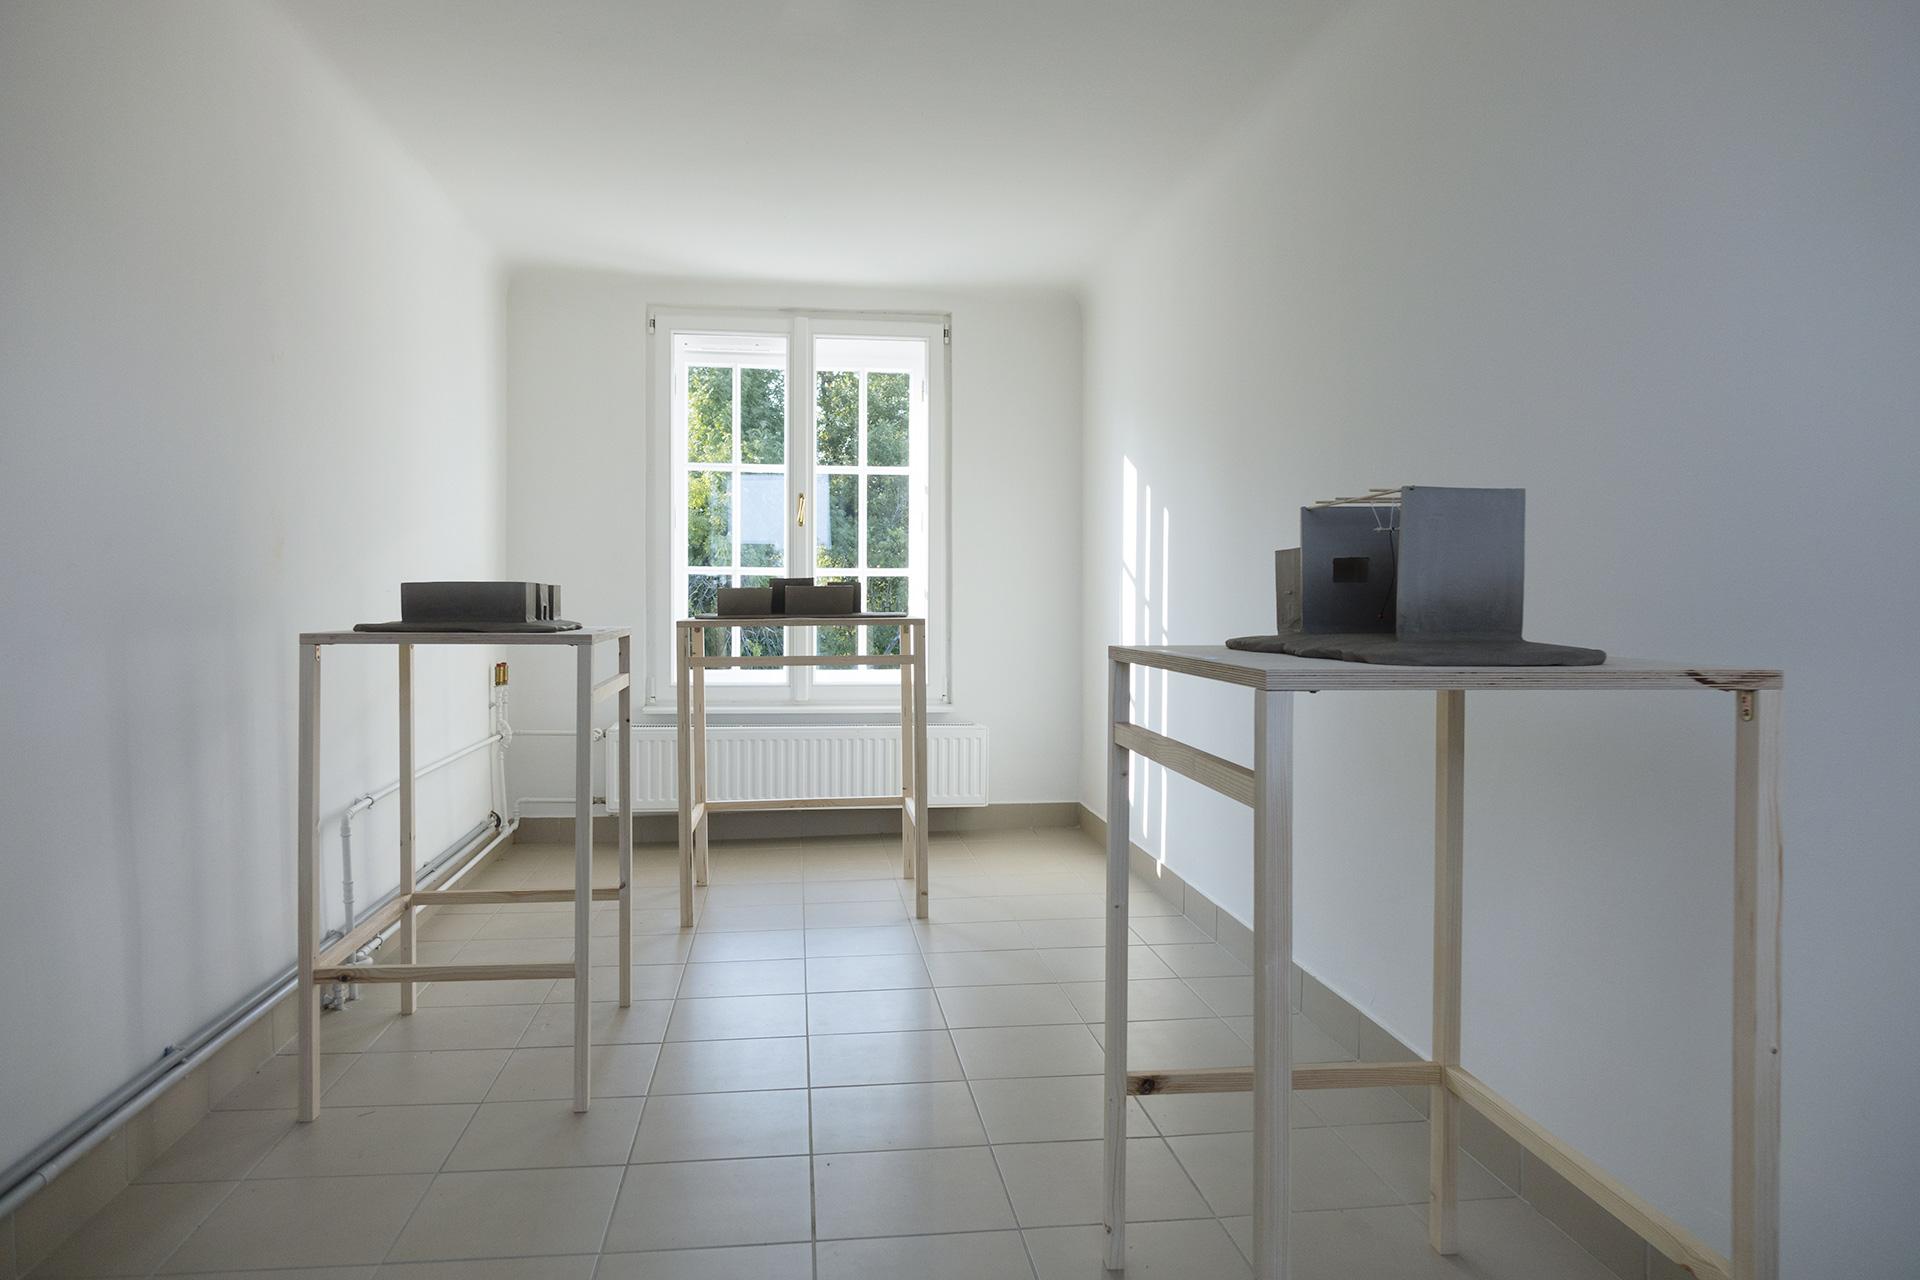 balkon-off-biennale-repulo-kajak-ibghy-lemmens-41